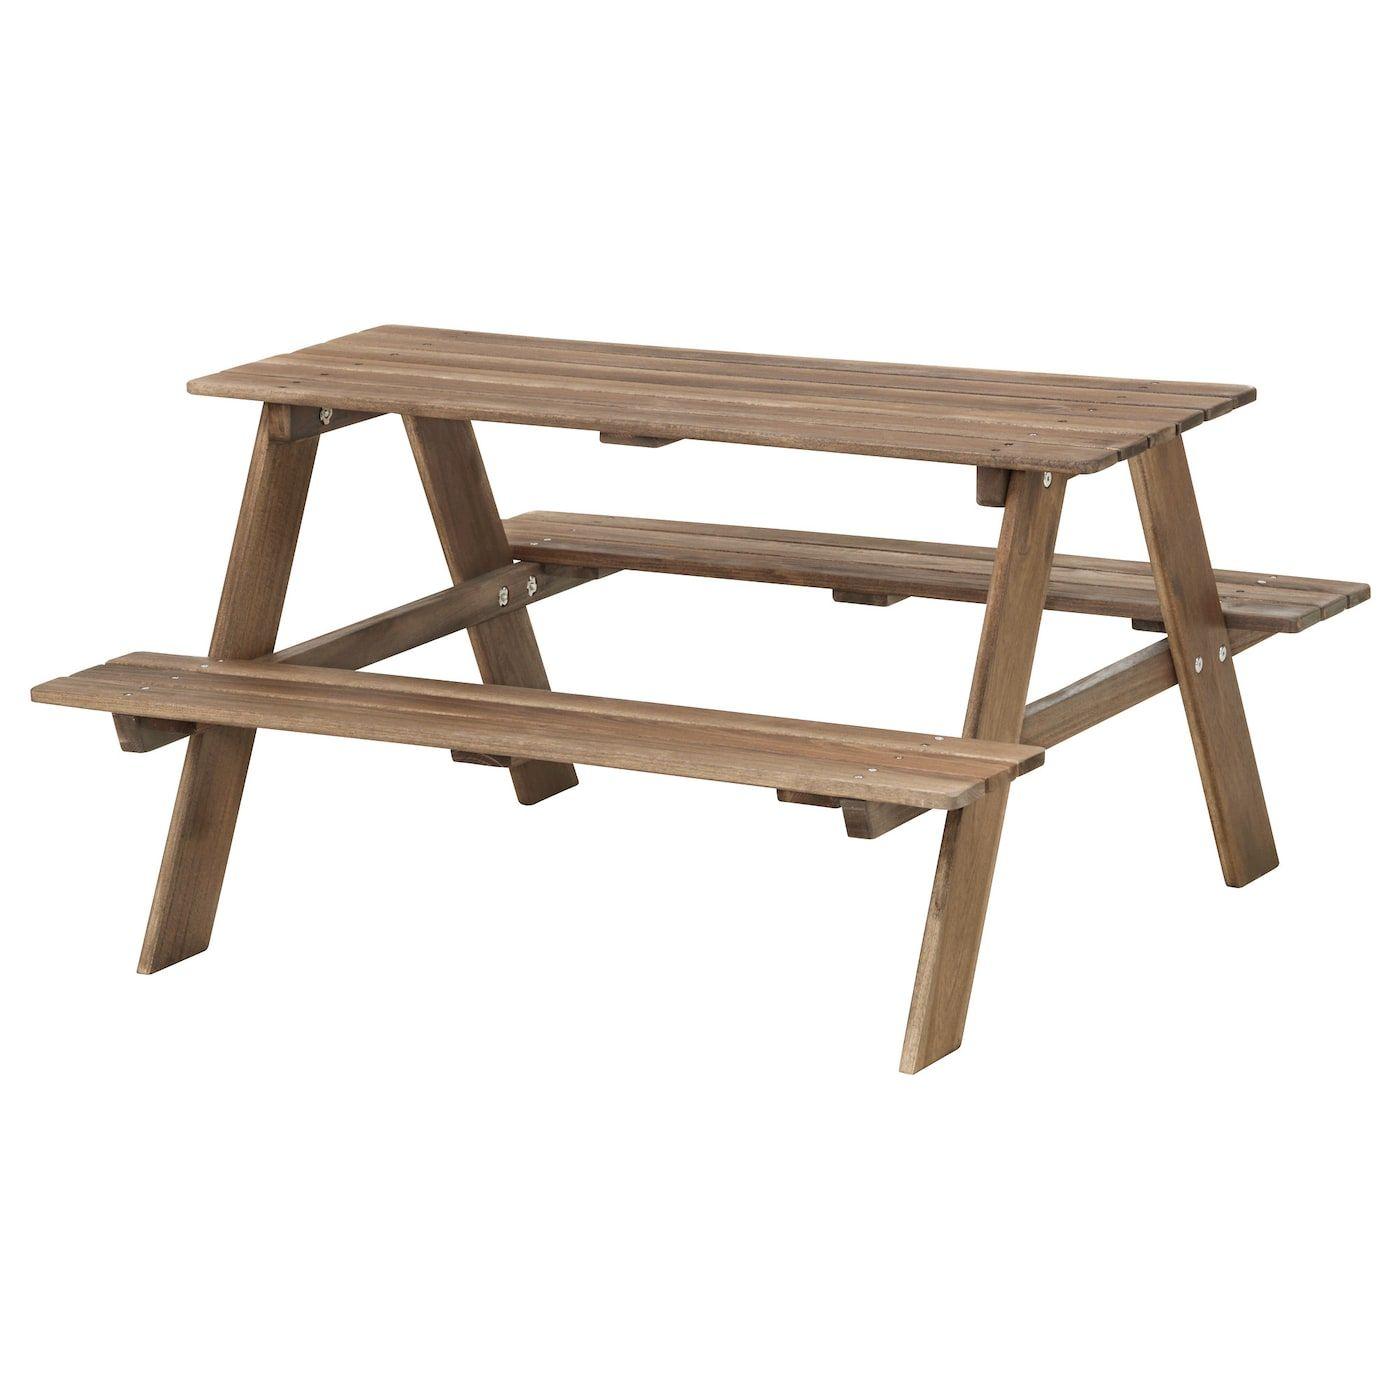 Reso Picknicktisch Fur Kinder Graubraun Lasiert Graubraun Ikea